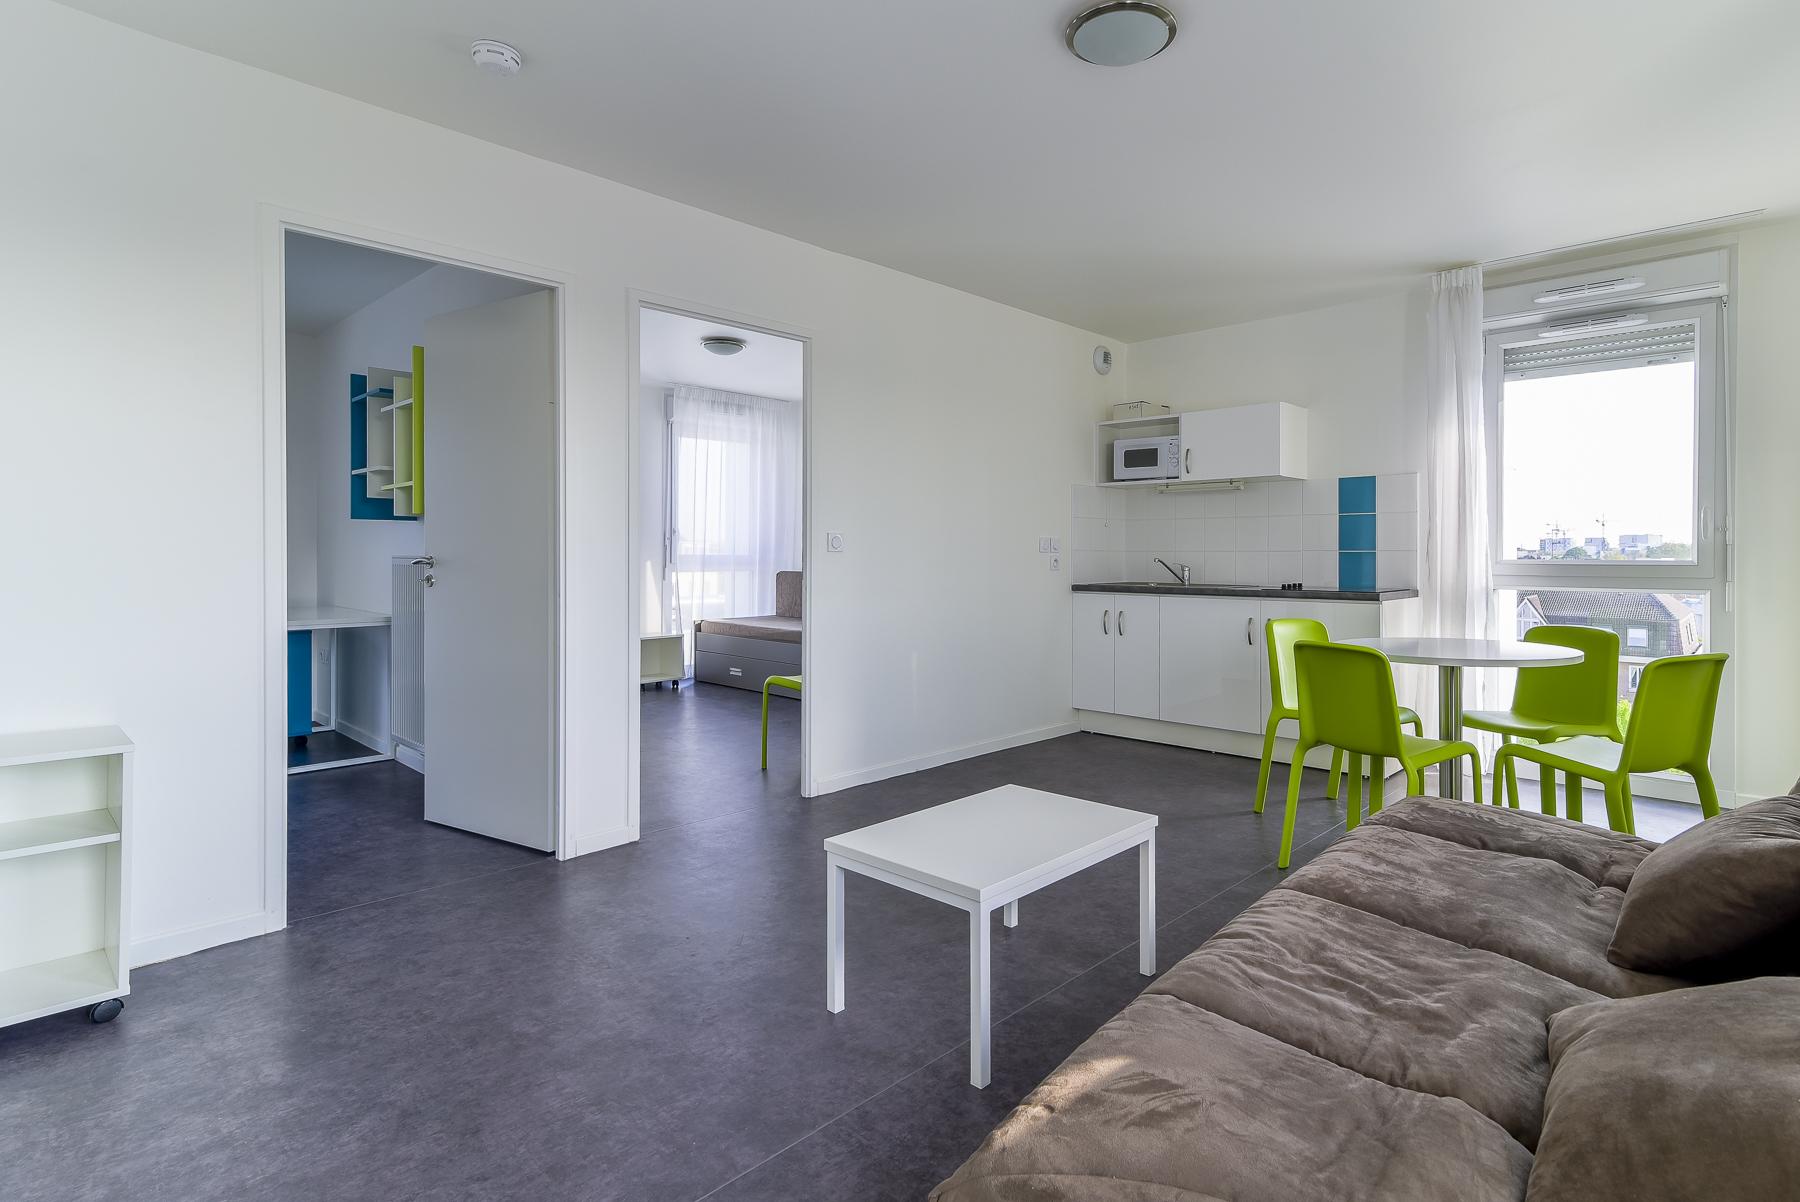 r sidence tudiante maison blanche logement tudiant le parisien etudiant. Black Bedroom Furniture Sets. Home Design Ideas